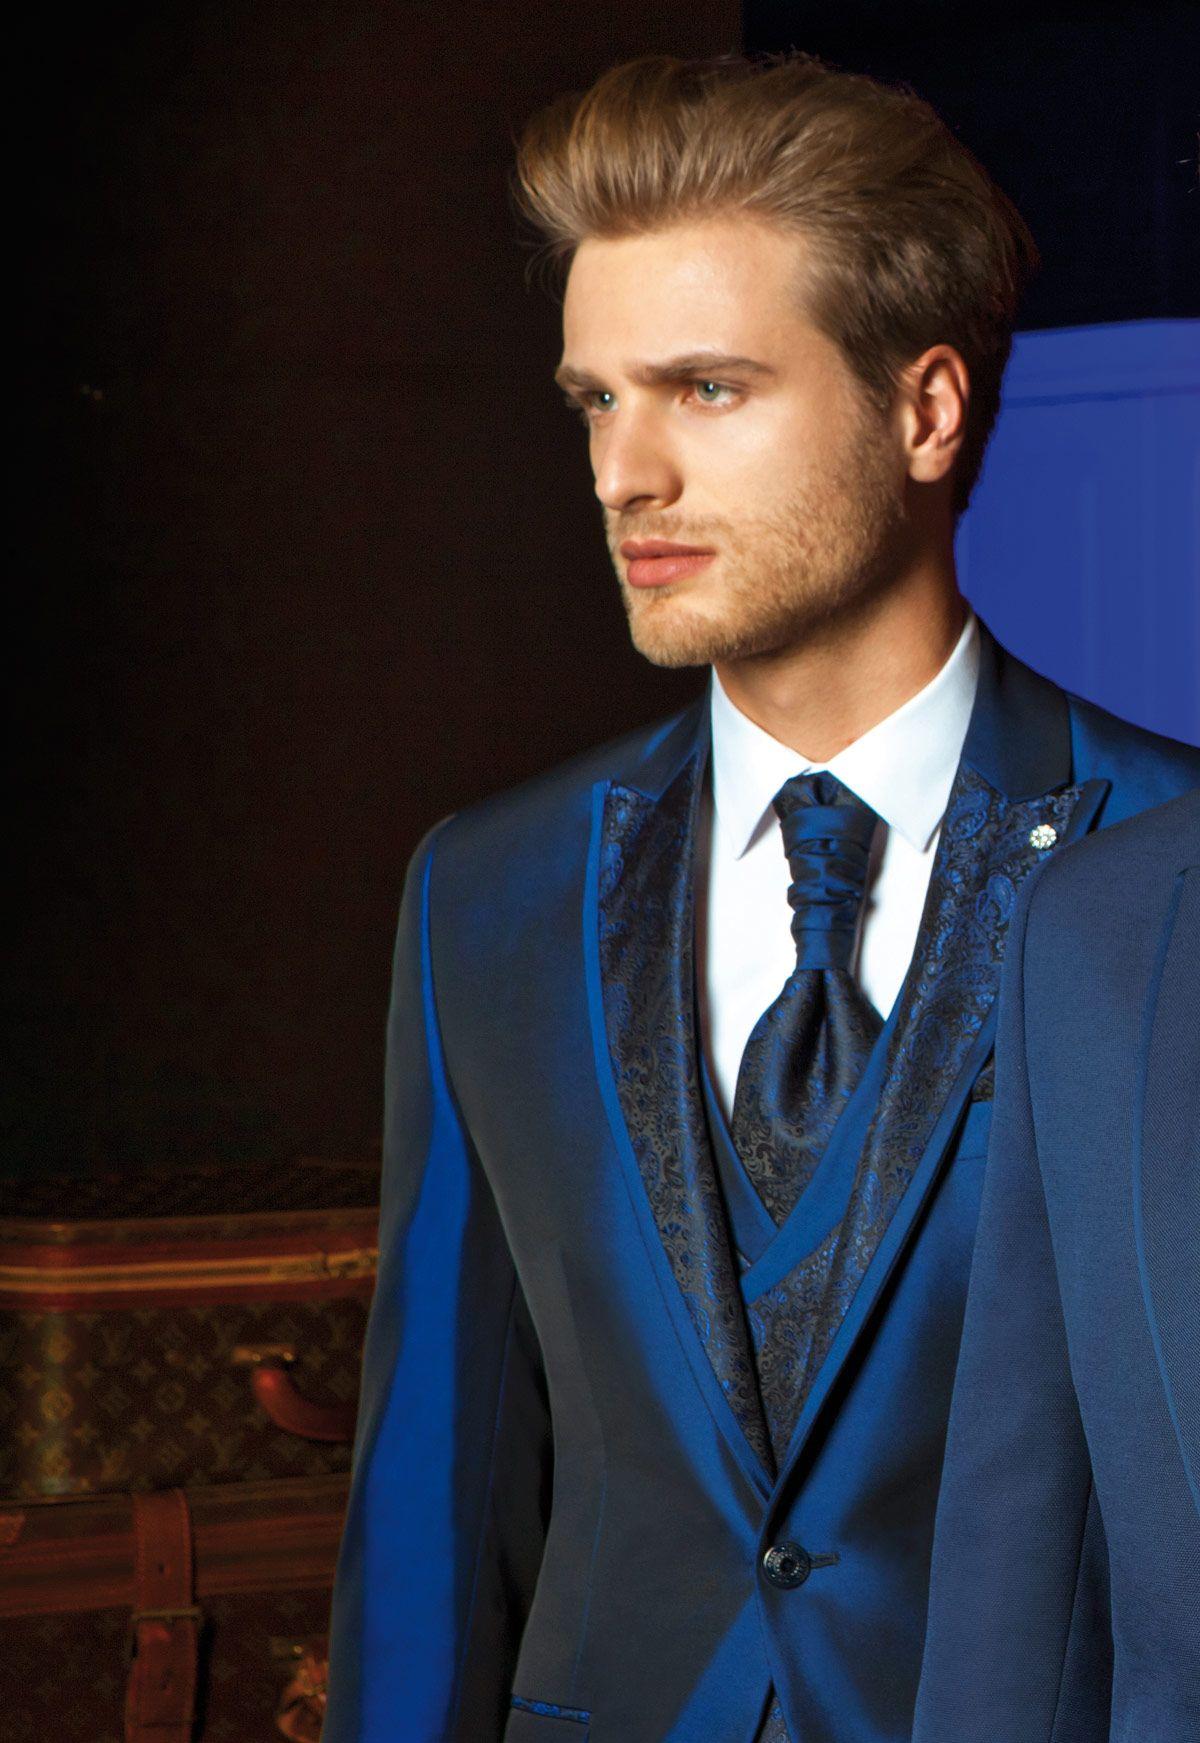 Tienda de trajes de novio, padrino en Madrid Marco Magliotti modelo ...